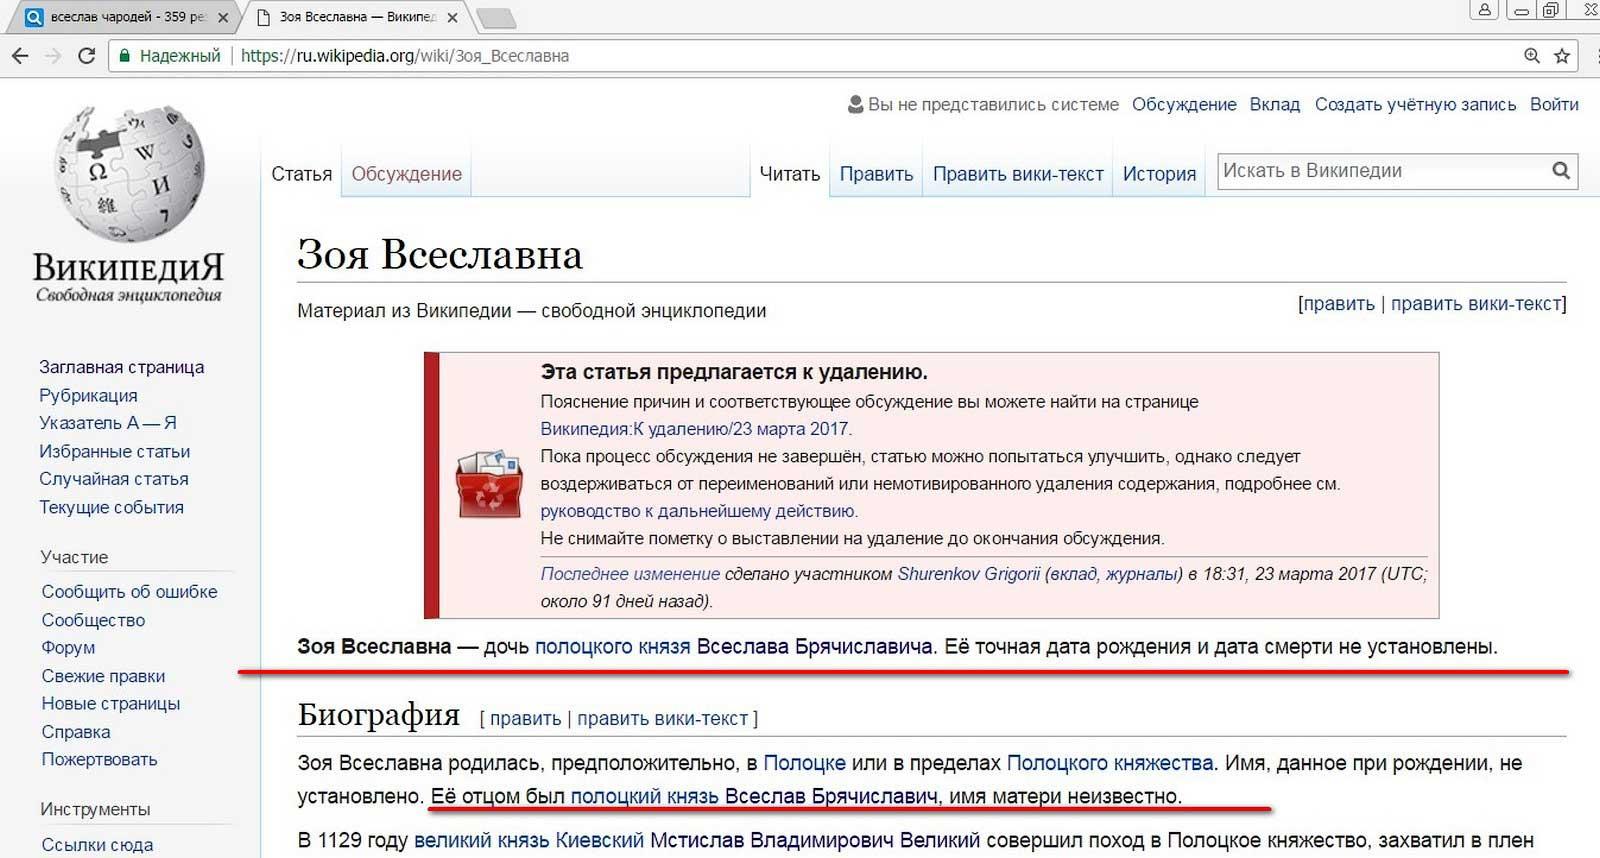 Страница Зои Всеславны предложена(!) к удалению из Википедии